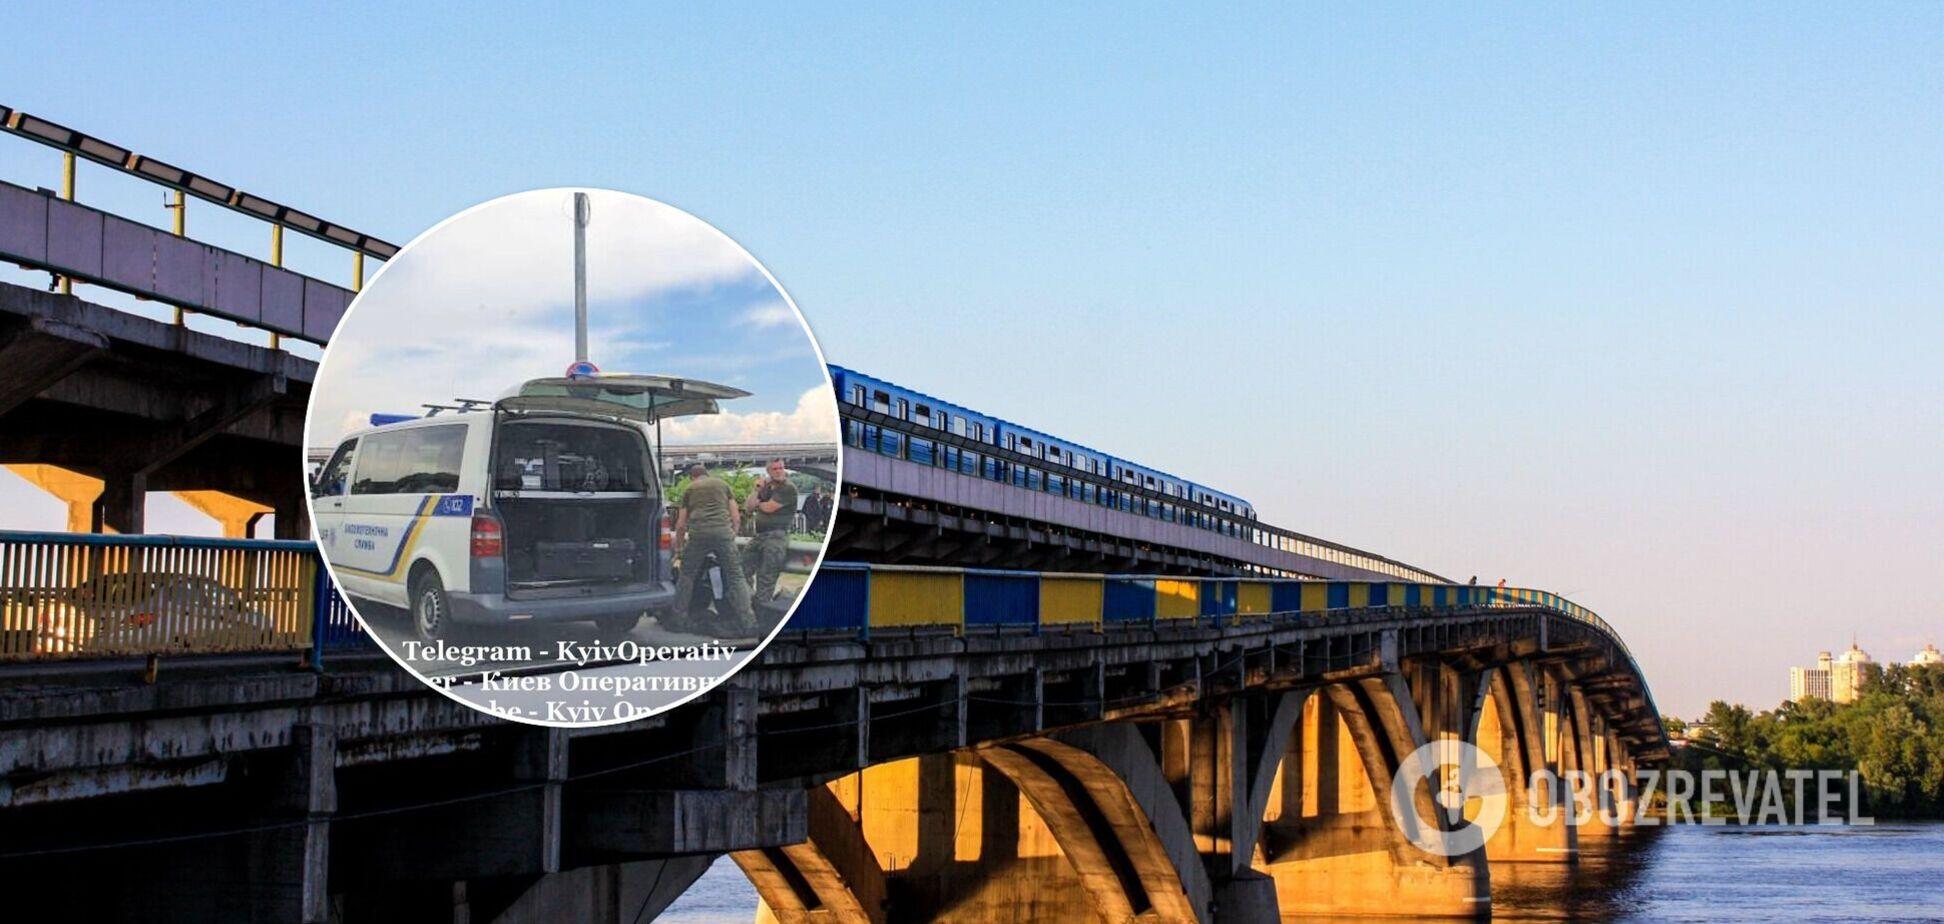 У Києві через підозрілий предмет перекривали міст Метро